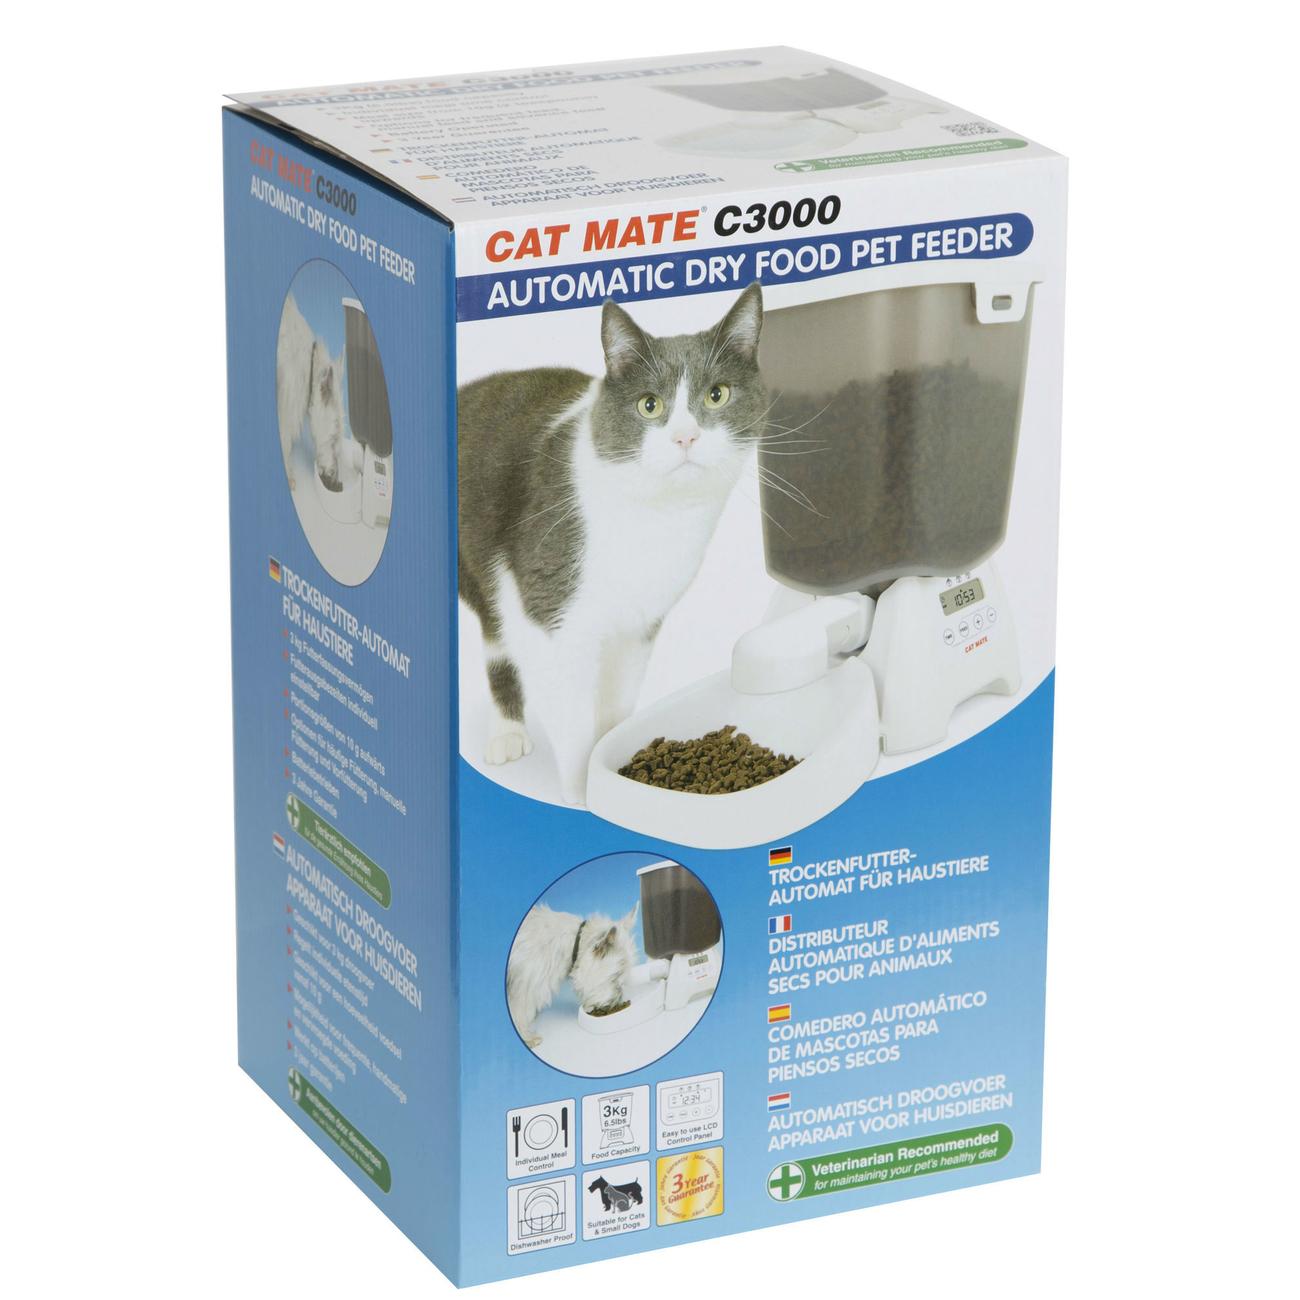 CAT MATE Trockenfutterautomat für Hunde und Katzen C3000, Bild 4